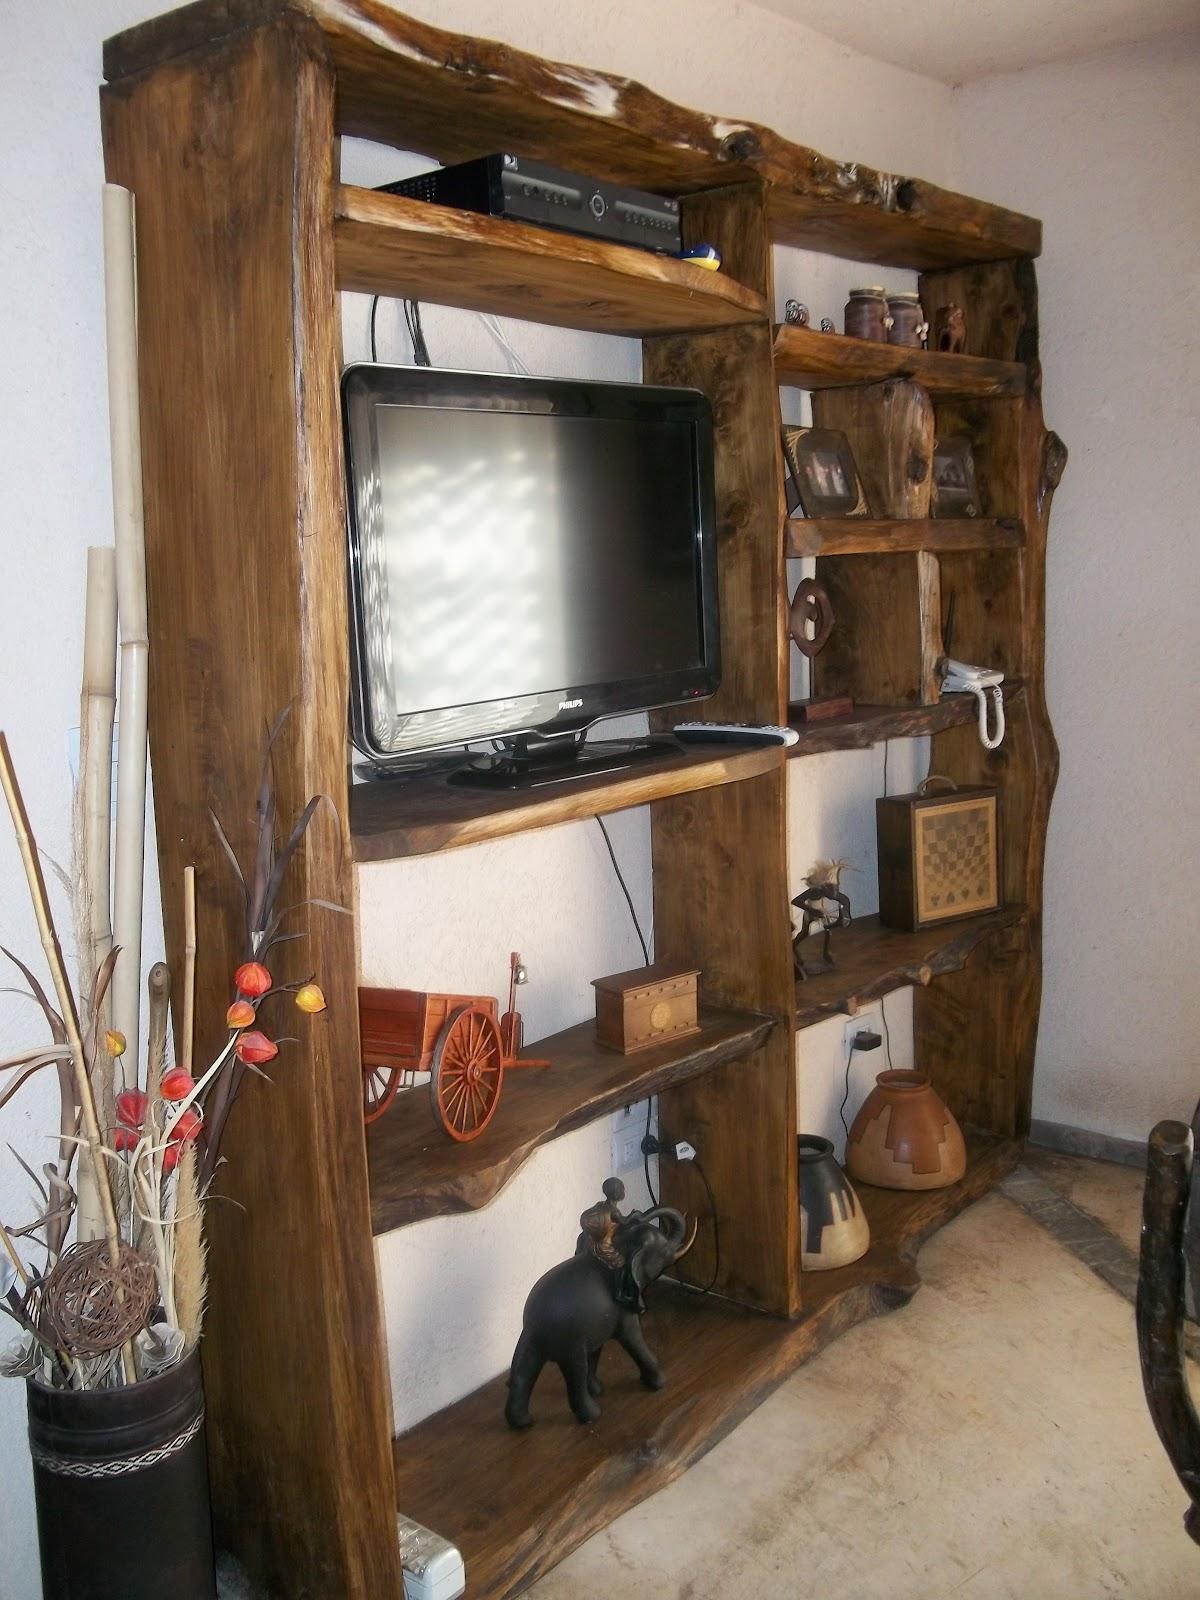 Muebles rusticos artesanales hd 1080p 4k foto for Muebles artesanales